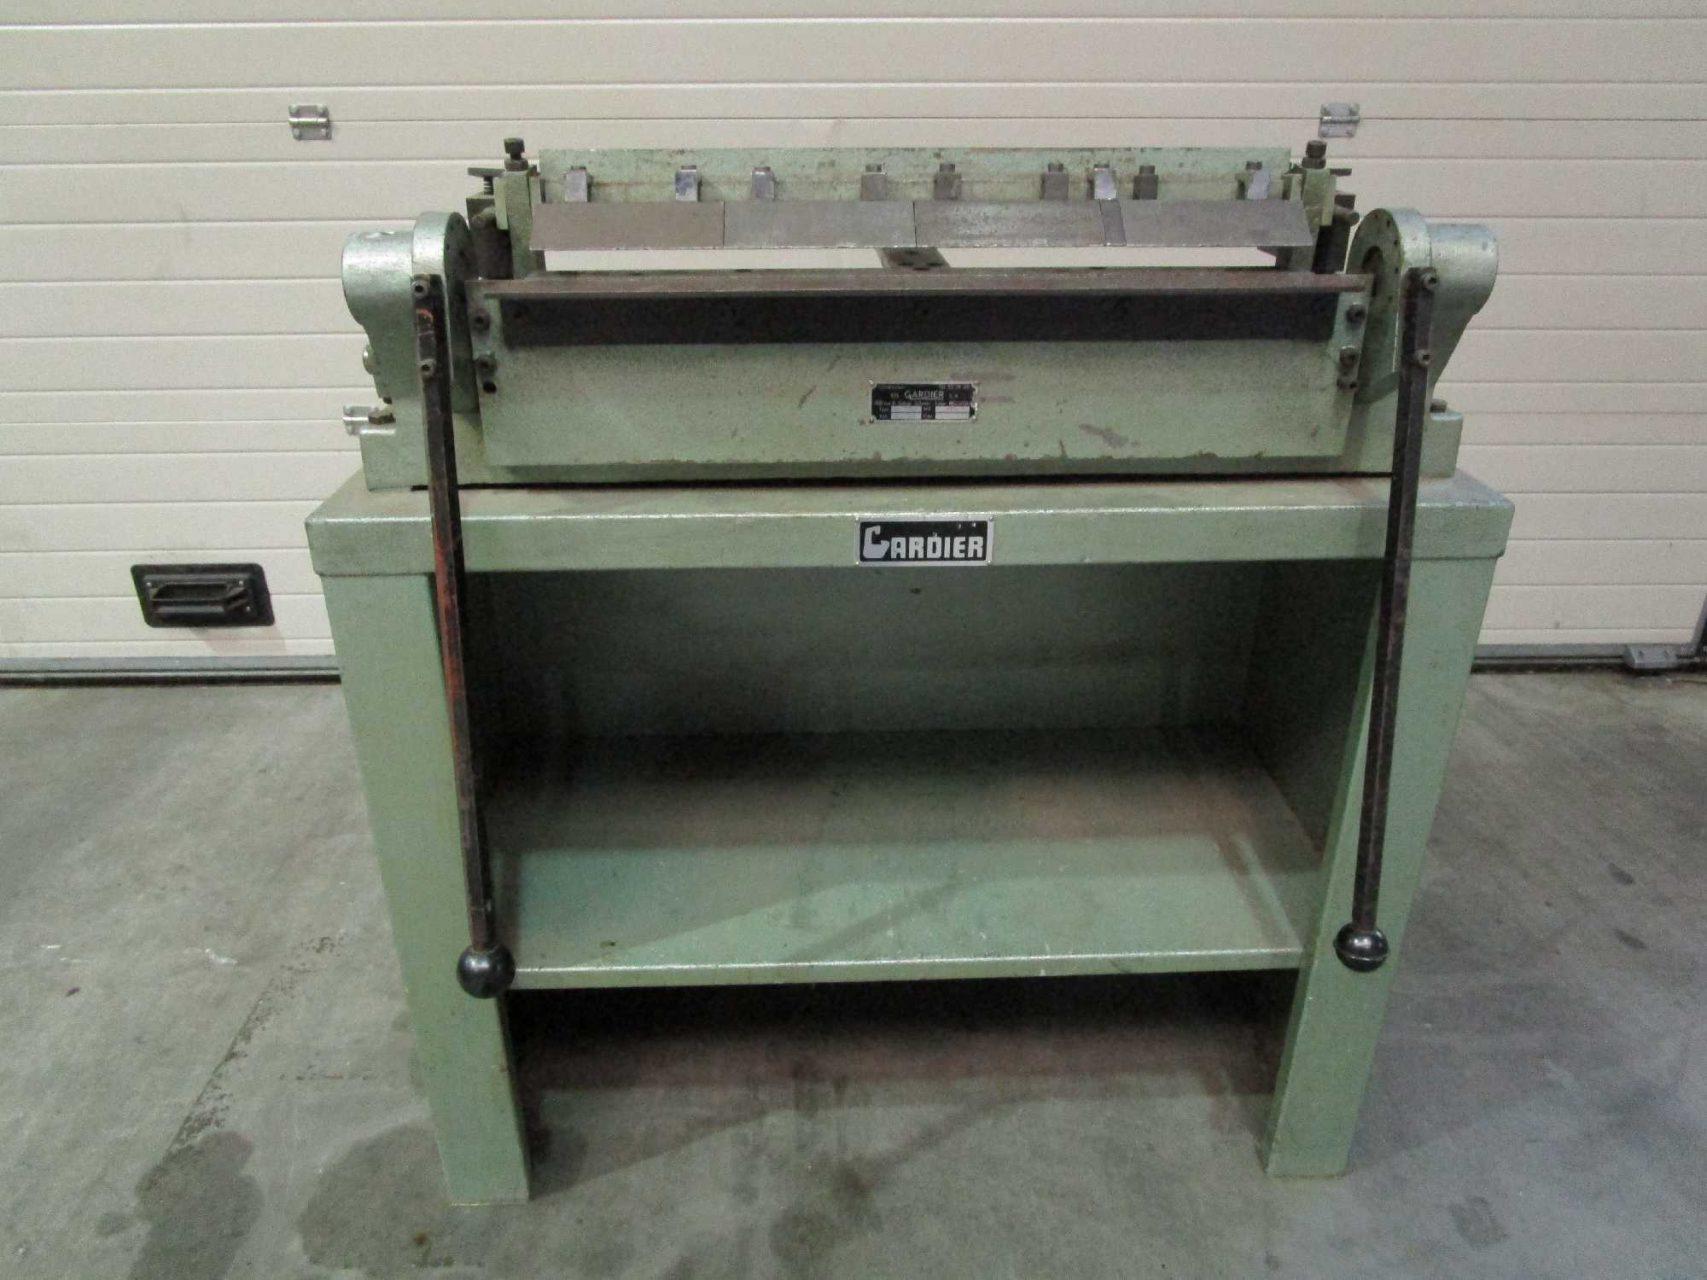 Gardier Foldingmachine